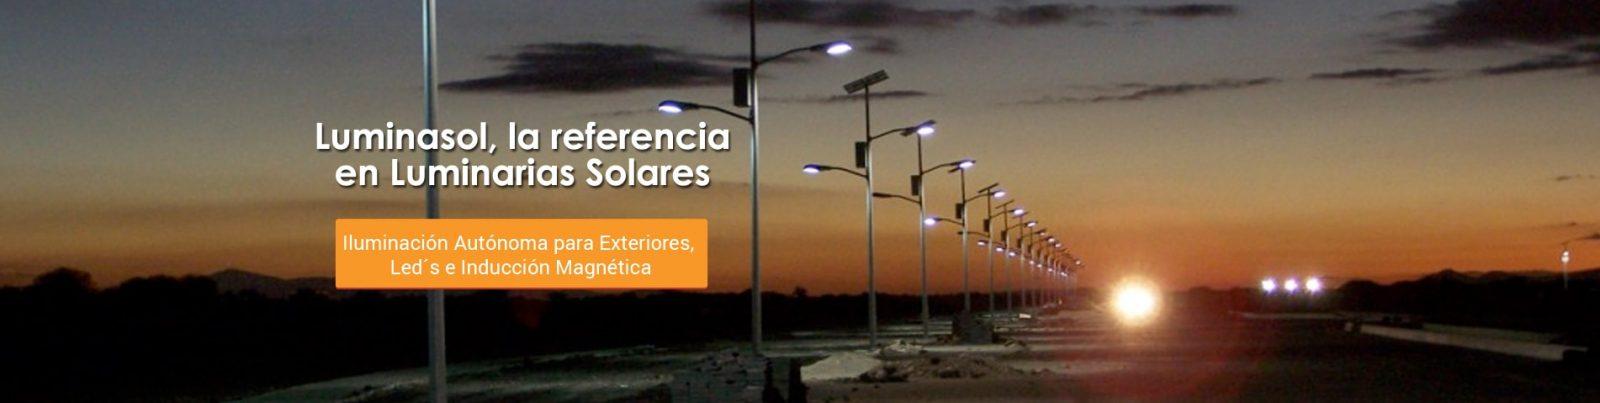 Iluminación autónoma para exteriores